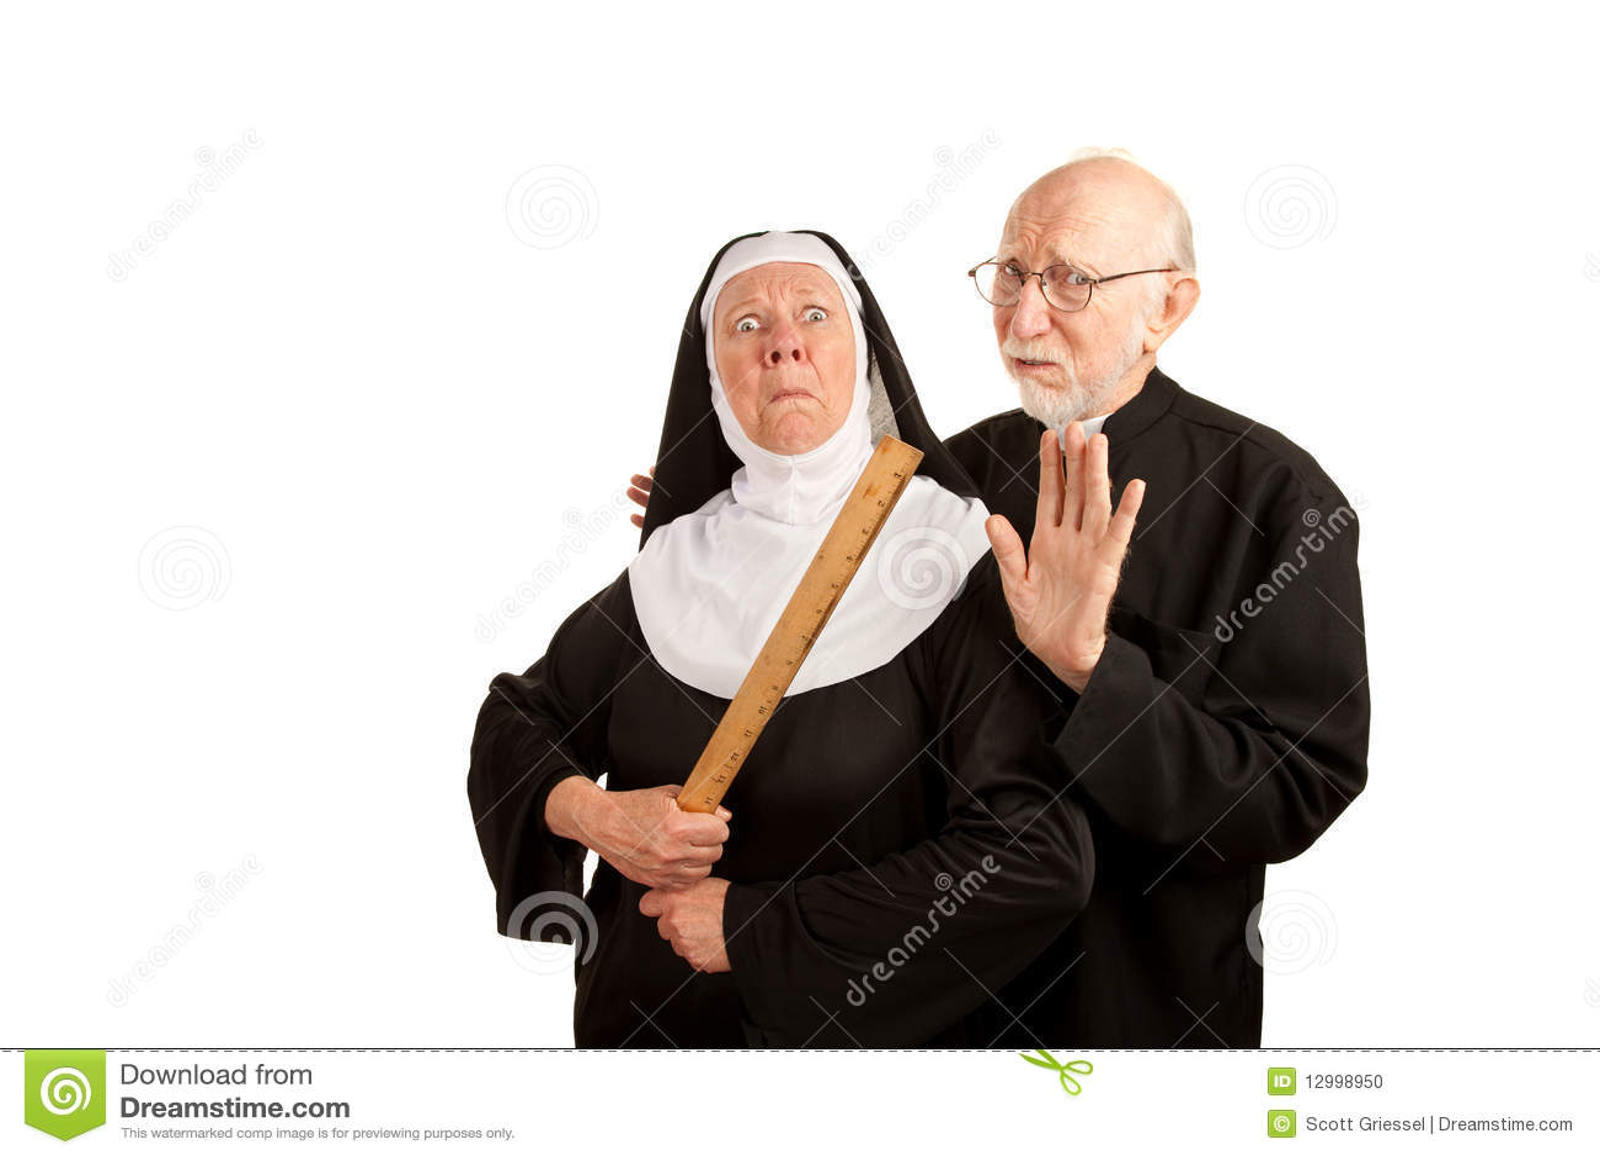 Free teen nun priest adult gallery